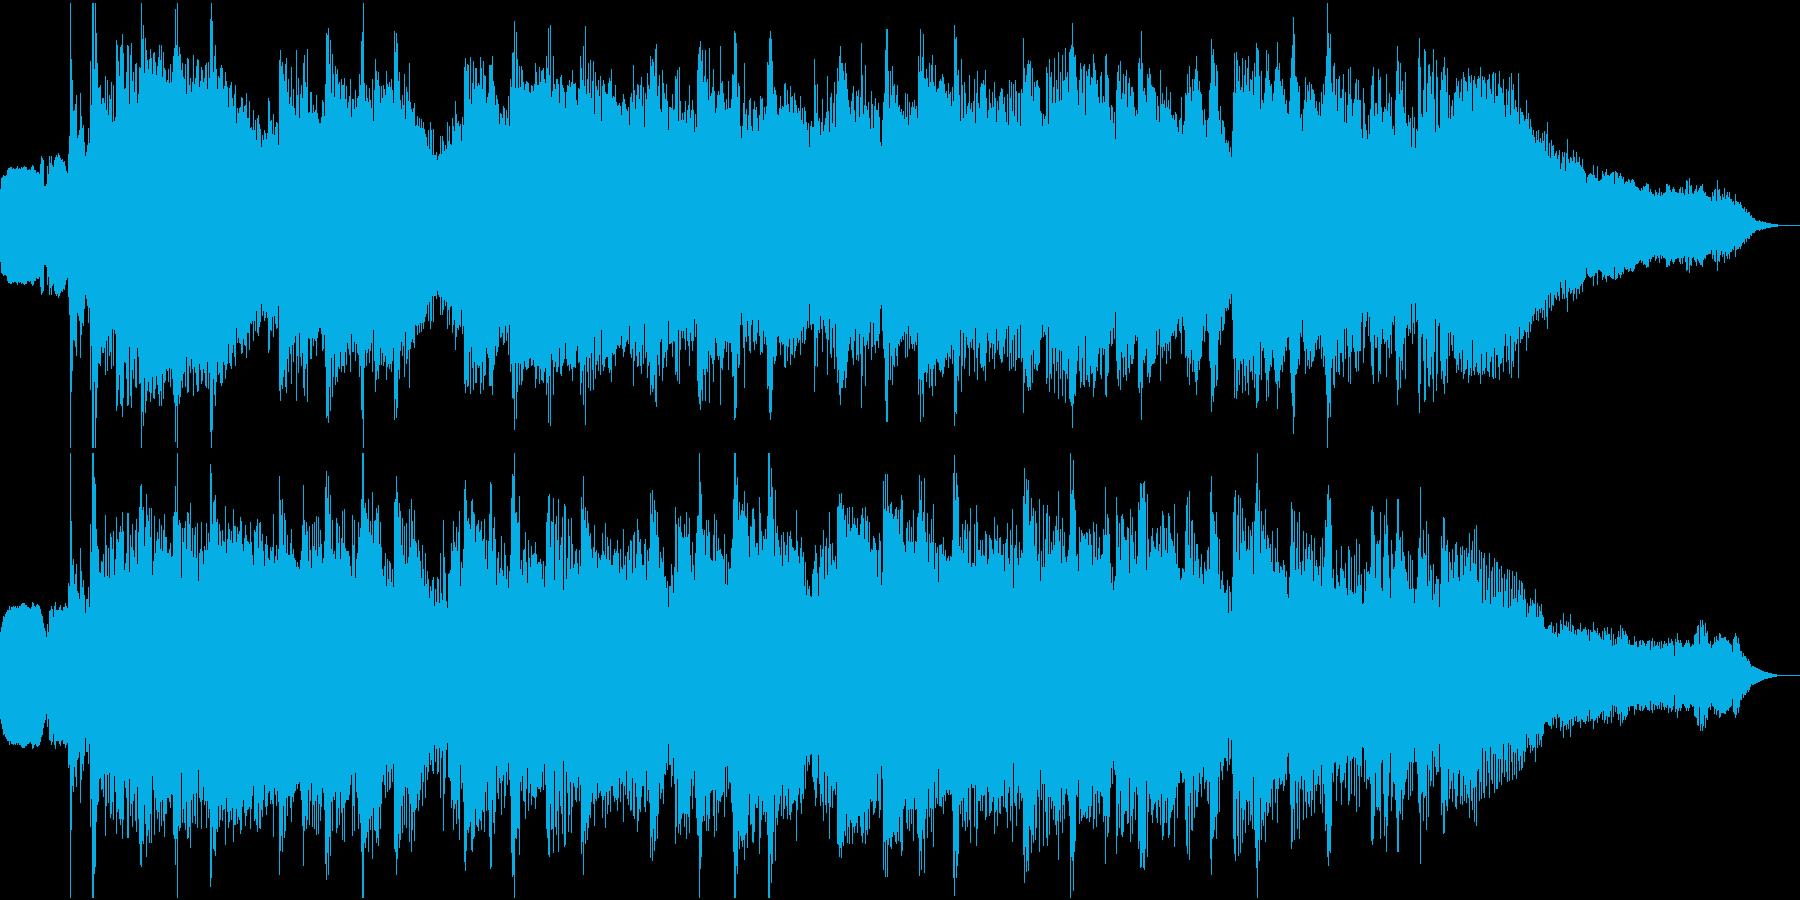 【20秒】爽やかバイオリン/ラジオCM用の再生済みの波形